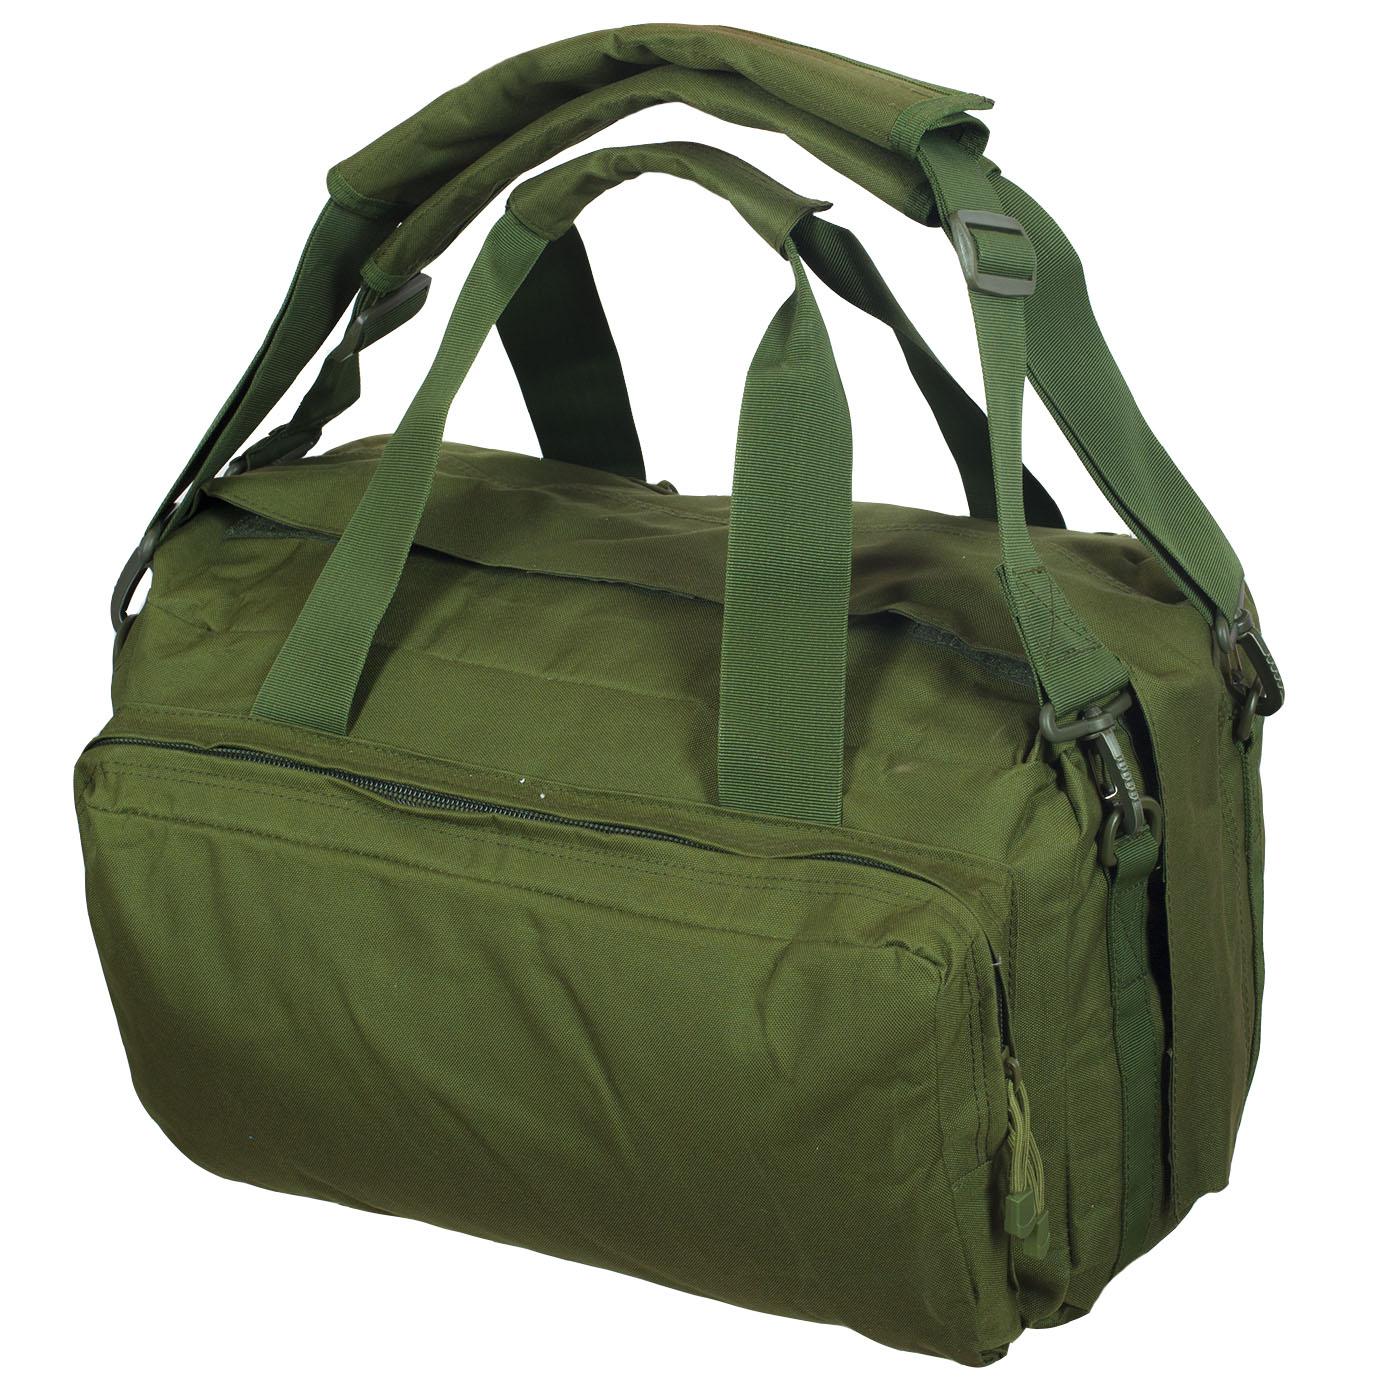 Тактическая походная сумка-рюкзак с нашивкой ДПС - купить оптом